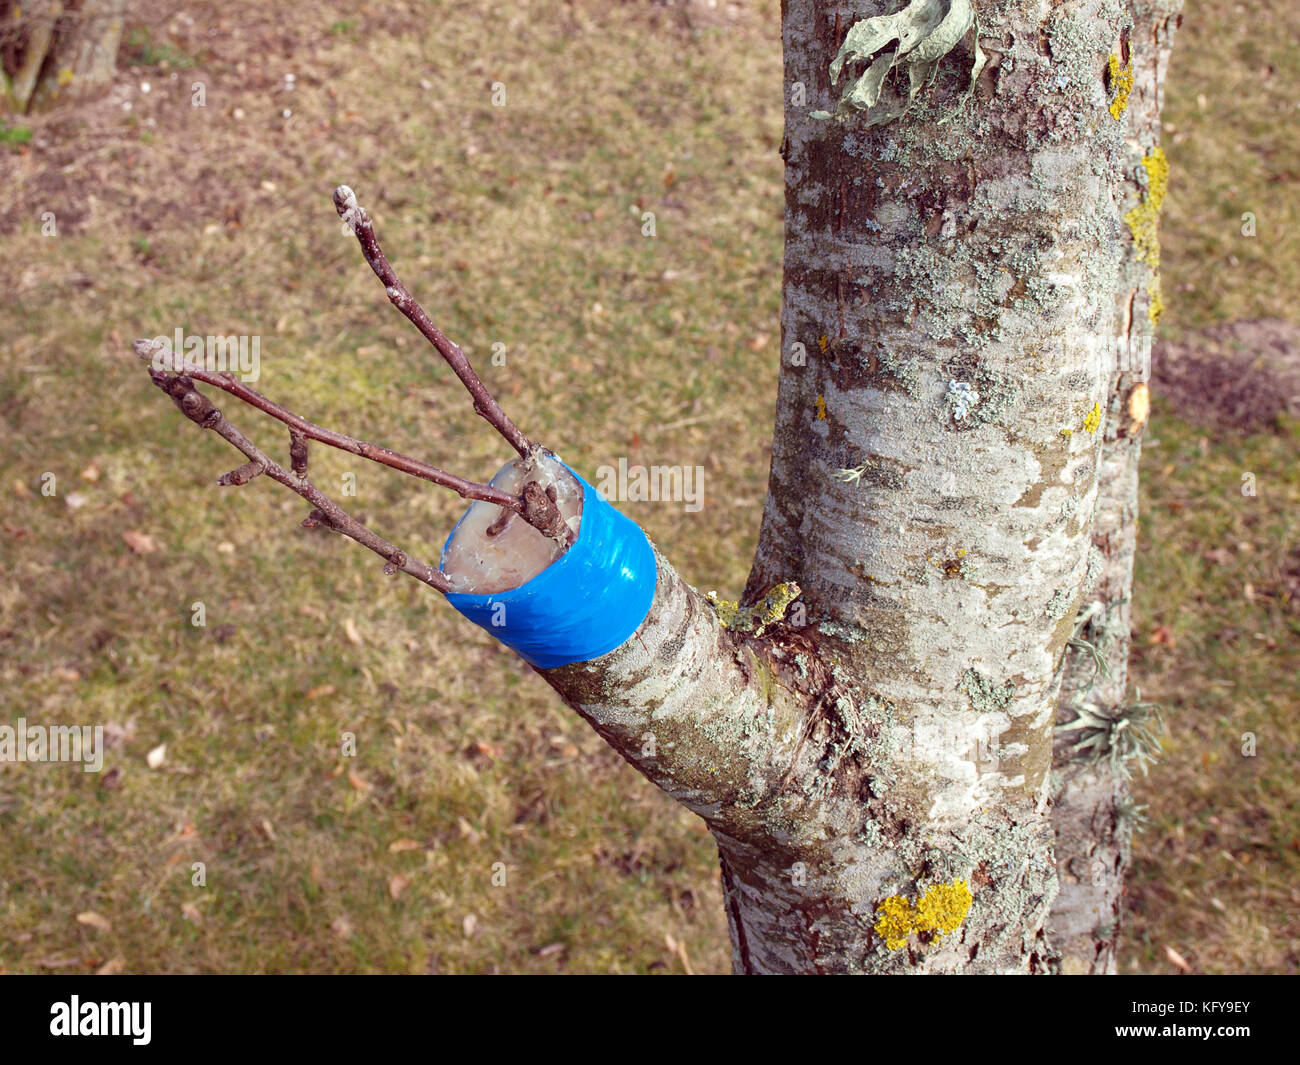 Посадка деревьев весной как сажать плодовые деревья 4